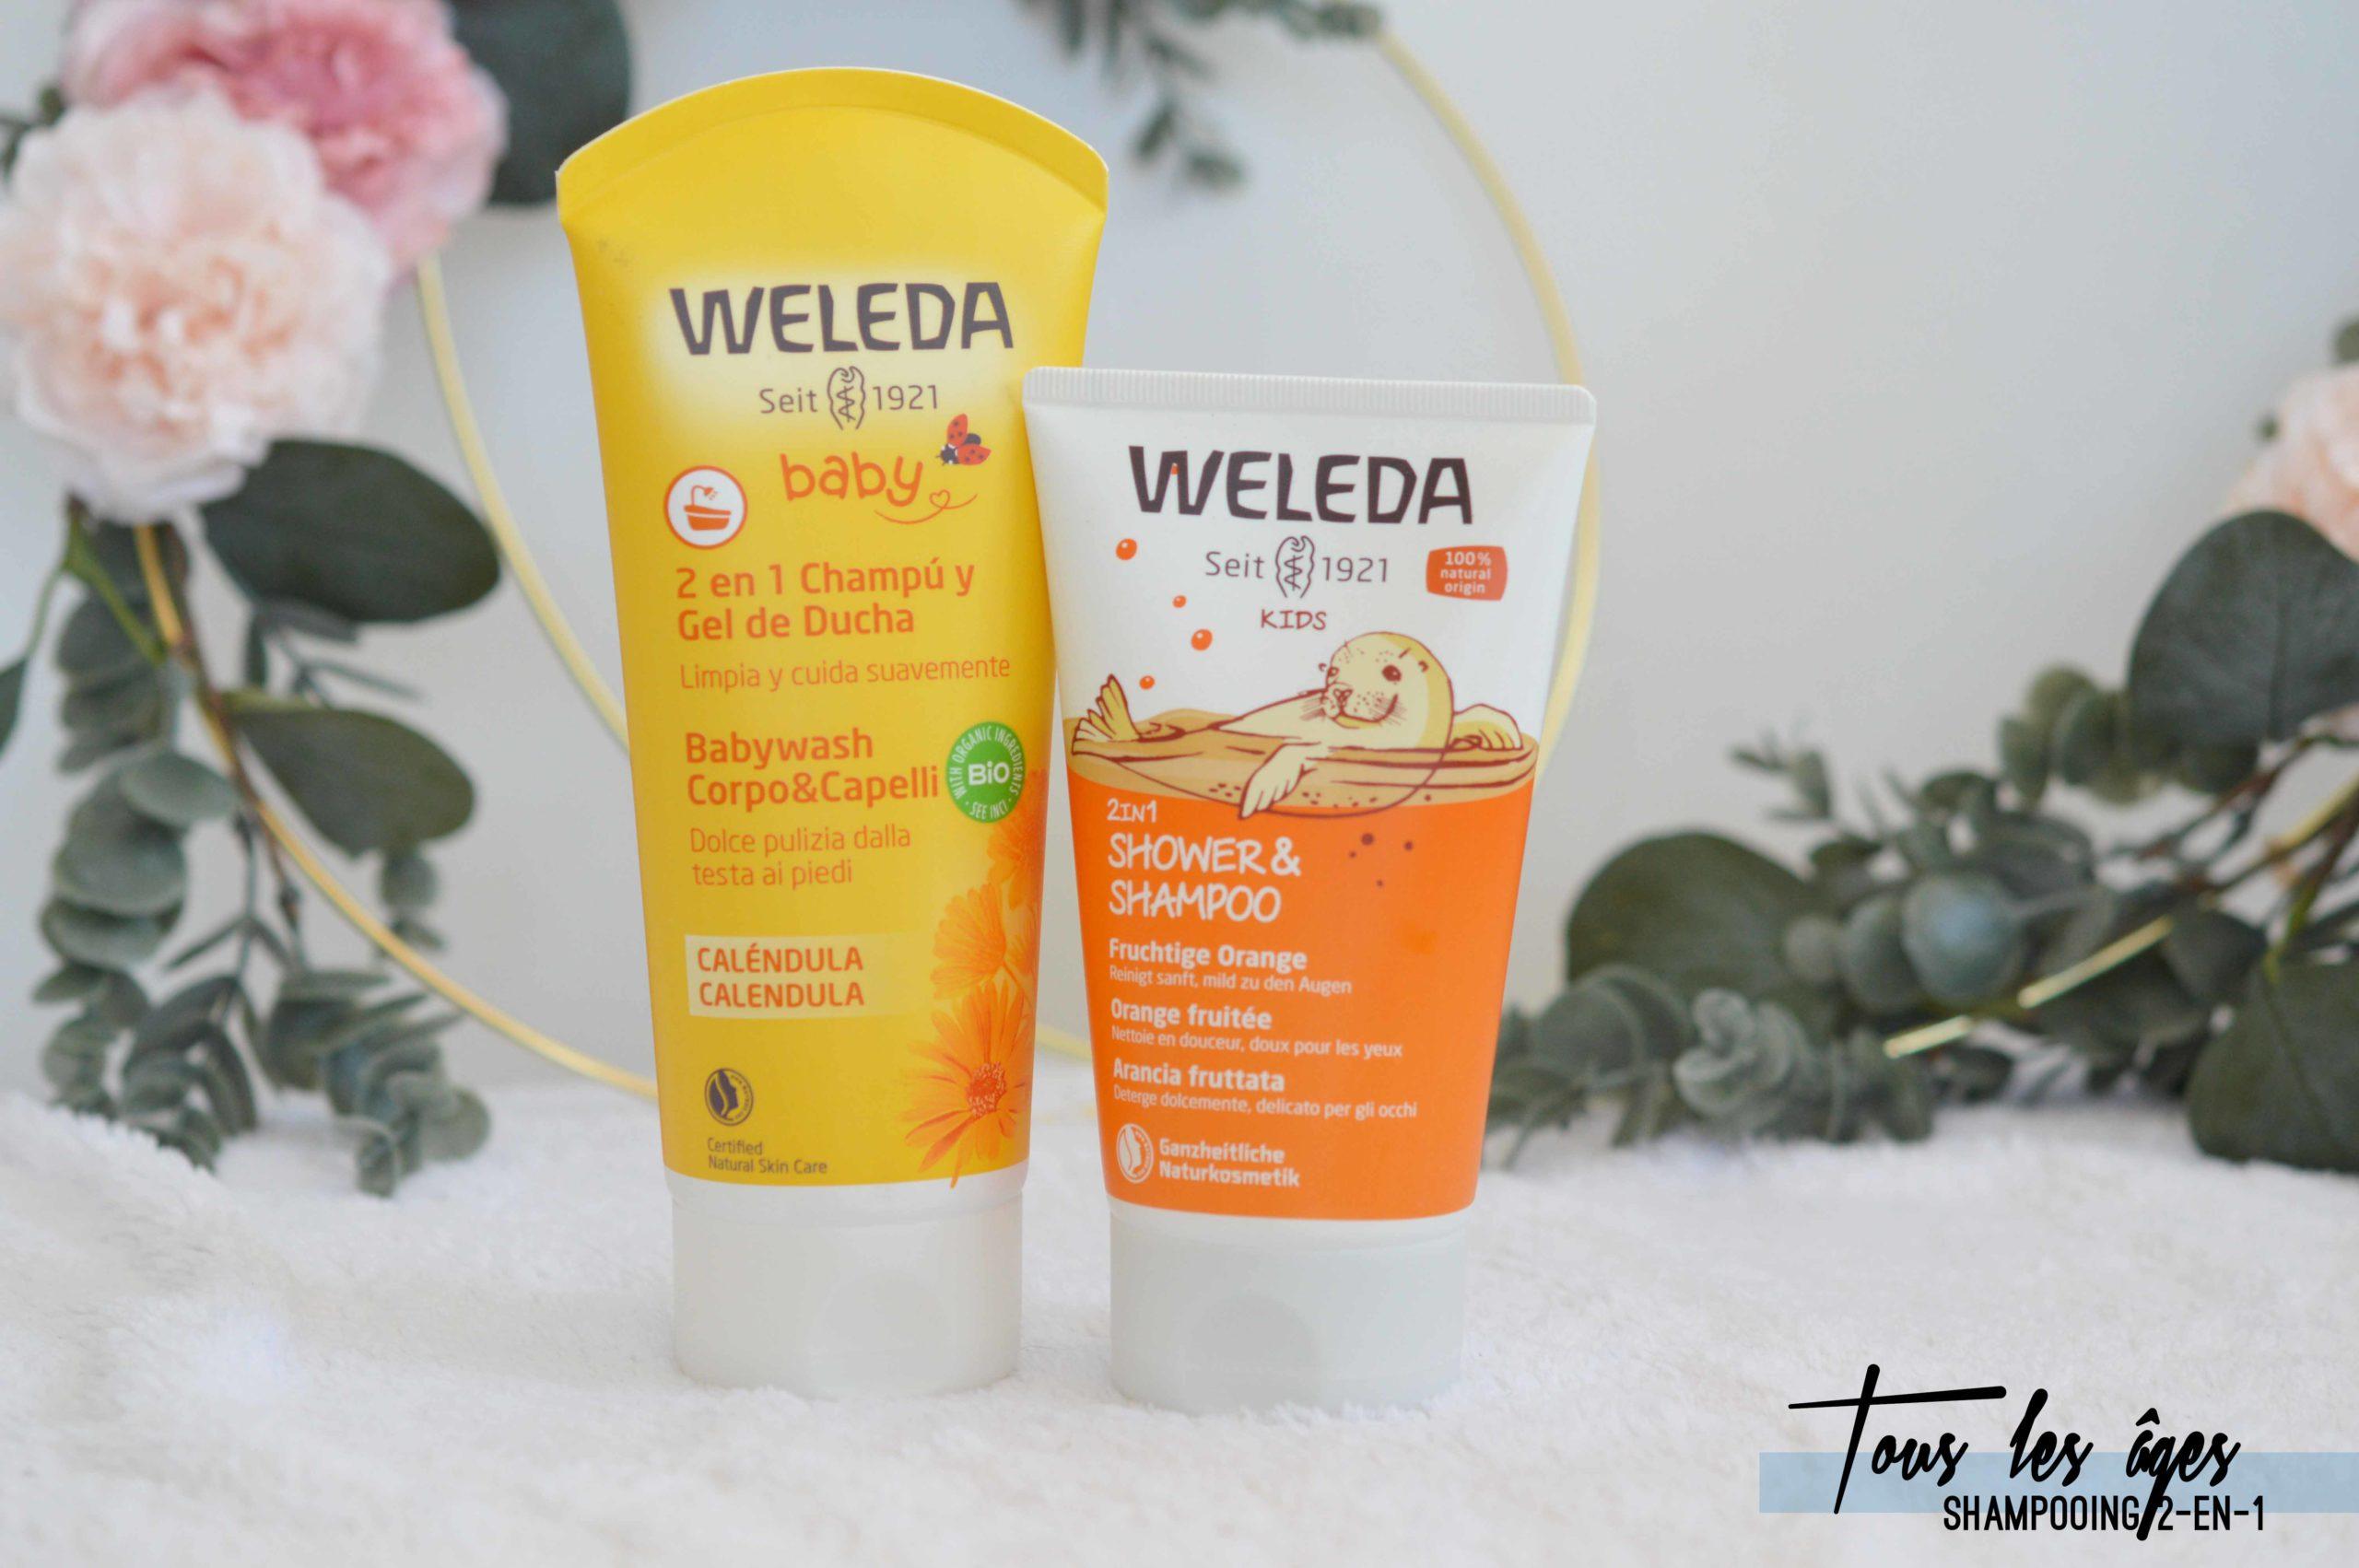 Les gels douches Weleda 2-en-1 font aussi offices de shampooing